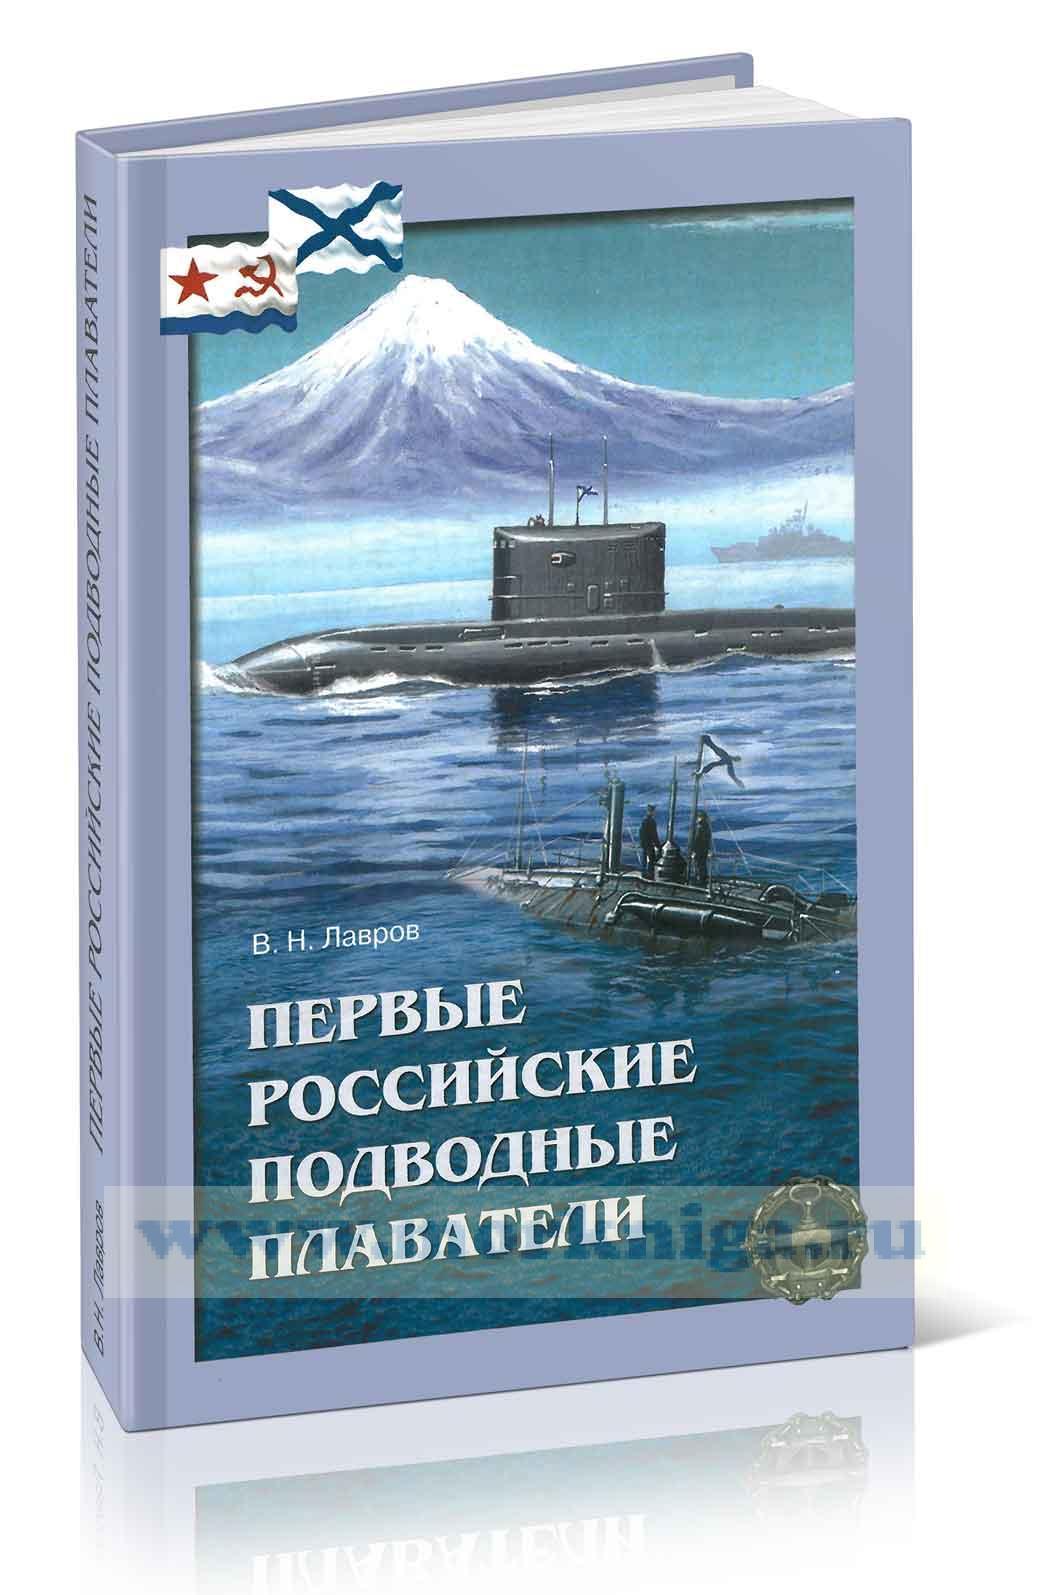 Первые российские подводные плаватели